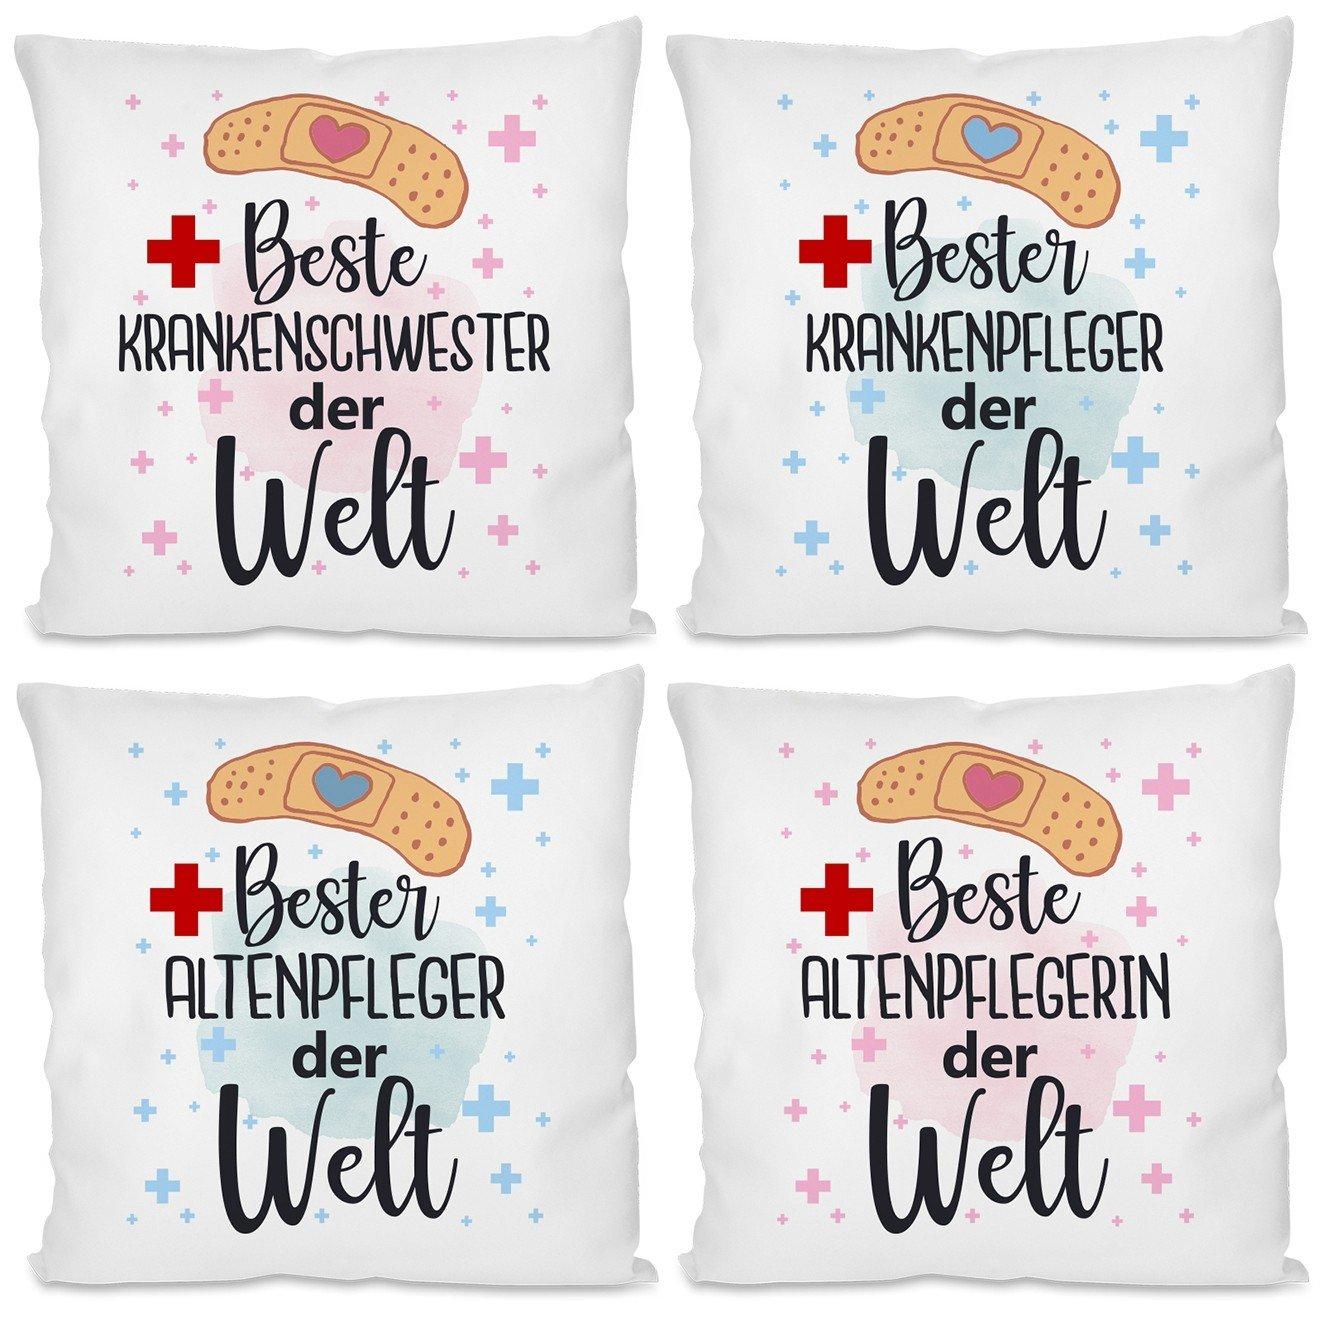 Kissen mit Motiv - Beste / bester Krankenschwester / Krankenpfleger / Altenpfleger / Altenpflegerin der Welt.